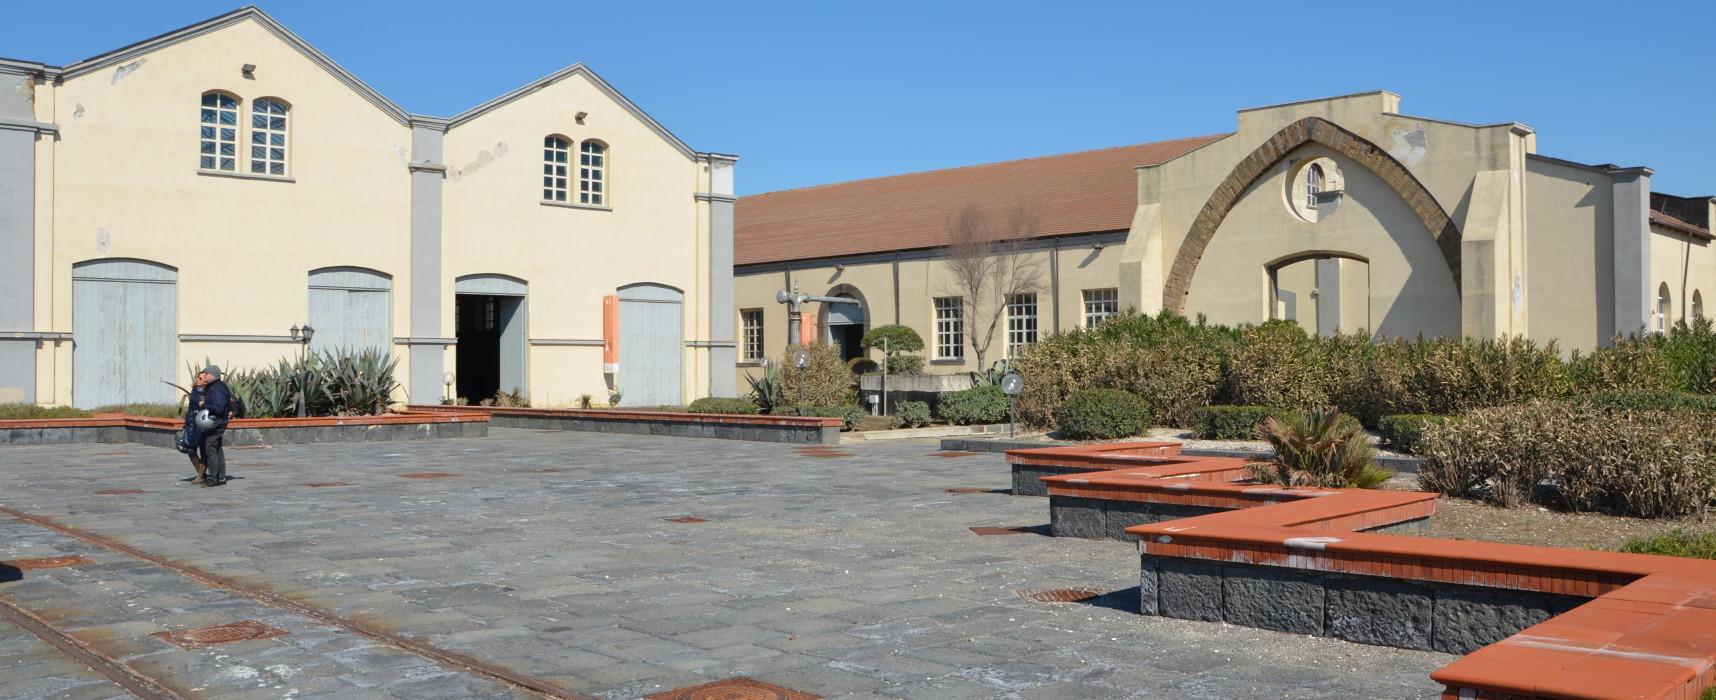 Esclusiva, Franceschini, Pietrarsa sede della Conferenza turismo sostenibile